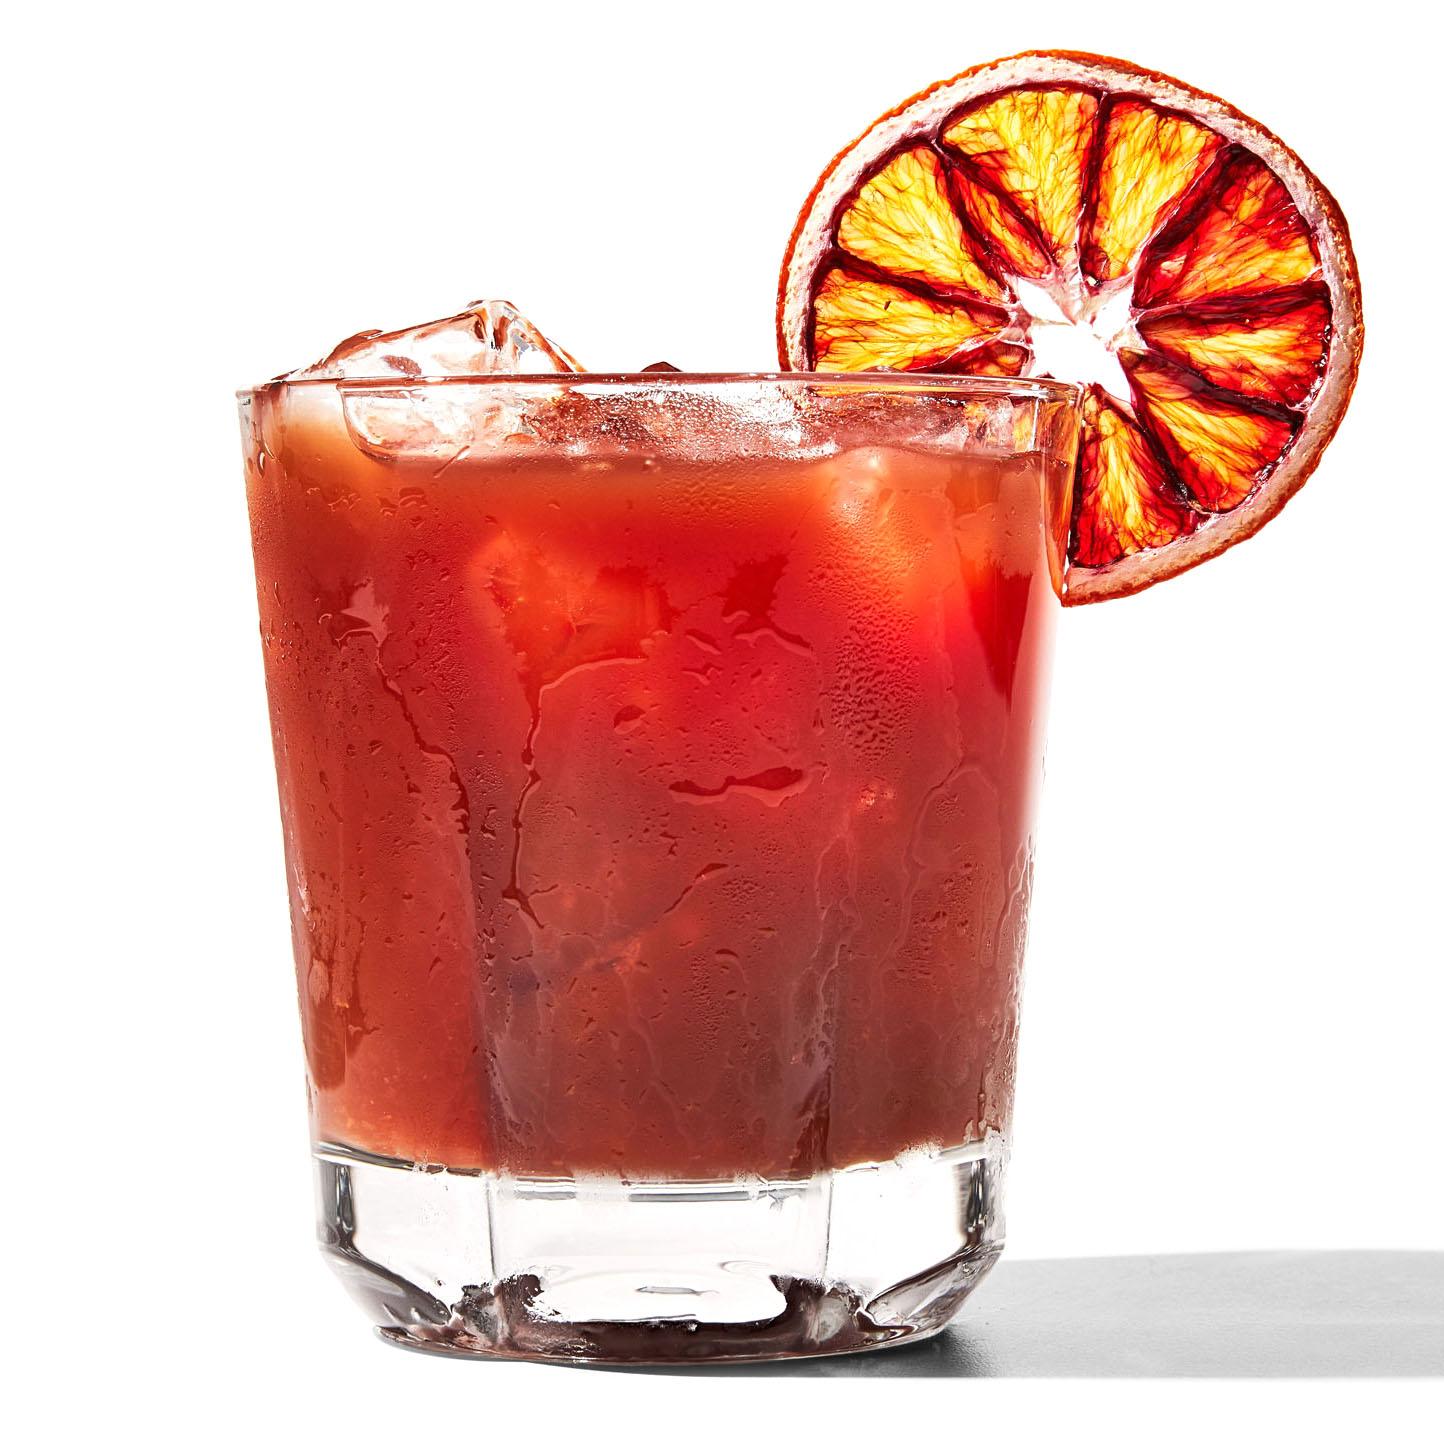 never let me go cocktail garnished with orange slice